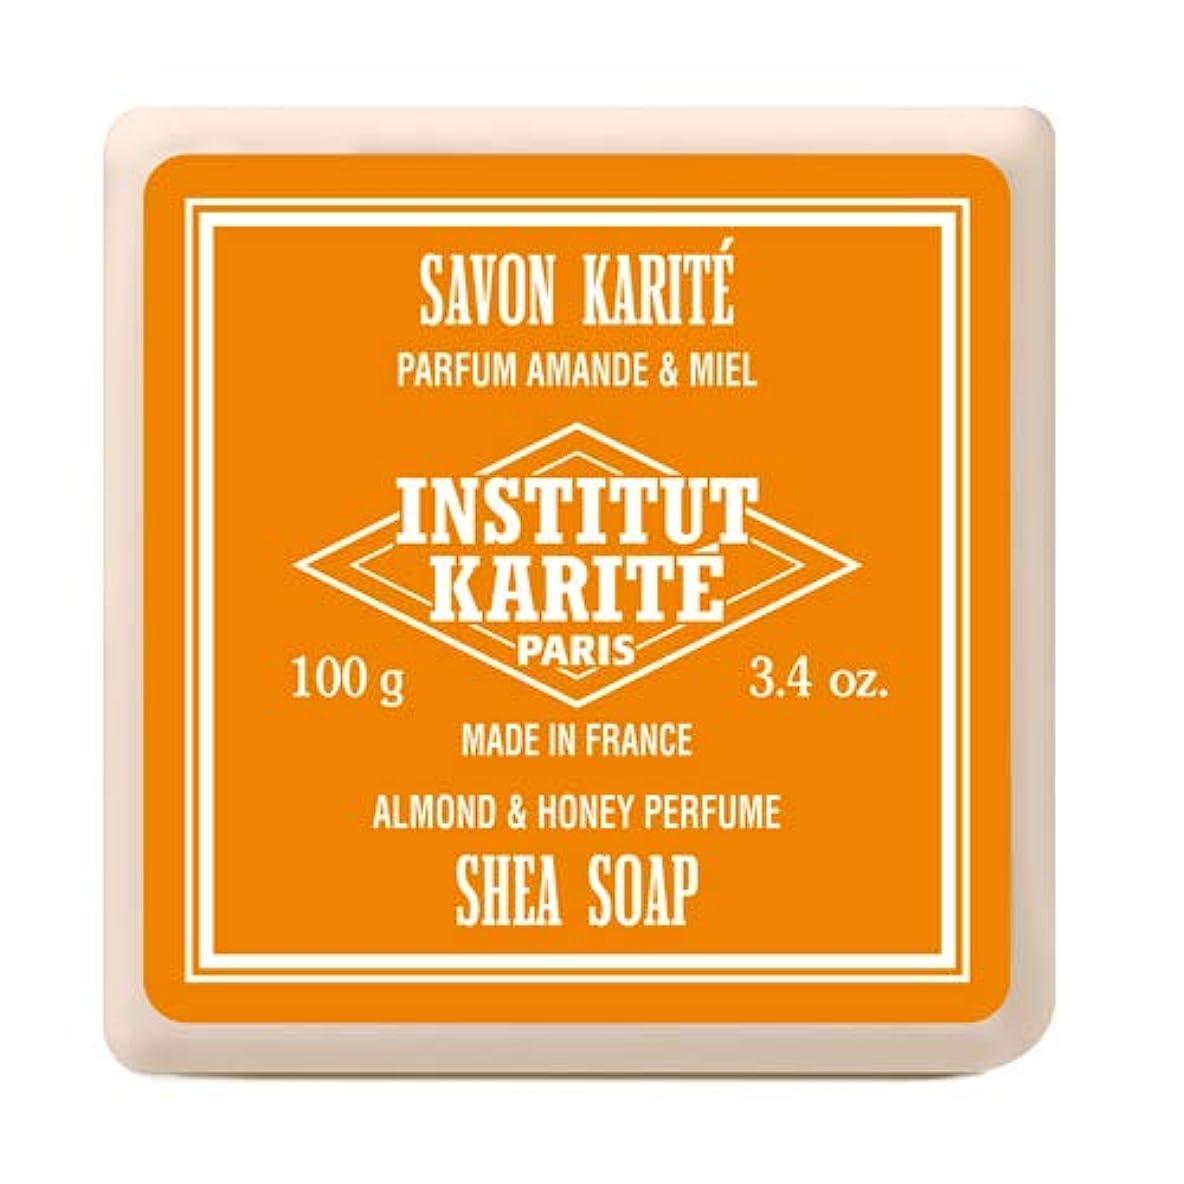 マント若者農夫インスティテュート?カリテ(INSTITUT KARITE) INSTITUT KARITE インスティテュート カリテ Shea Wrapped Soap シアソープ 100g Almond & Honey アーモンド...